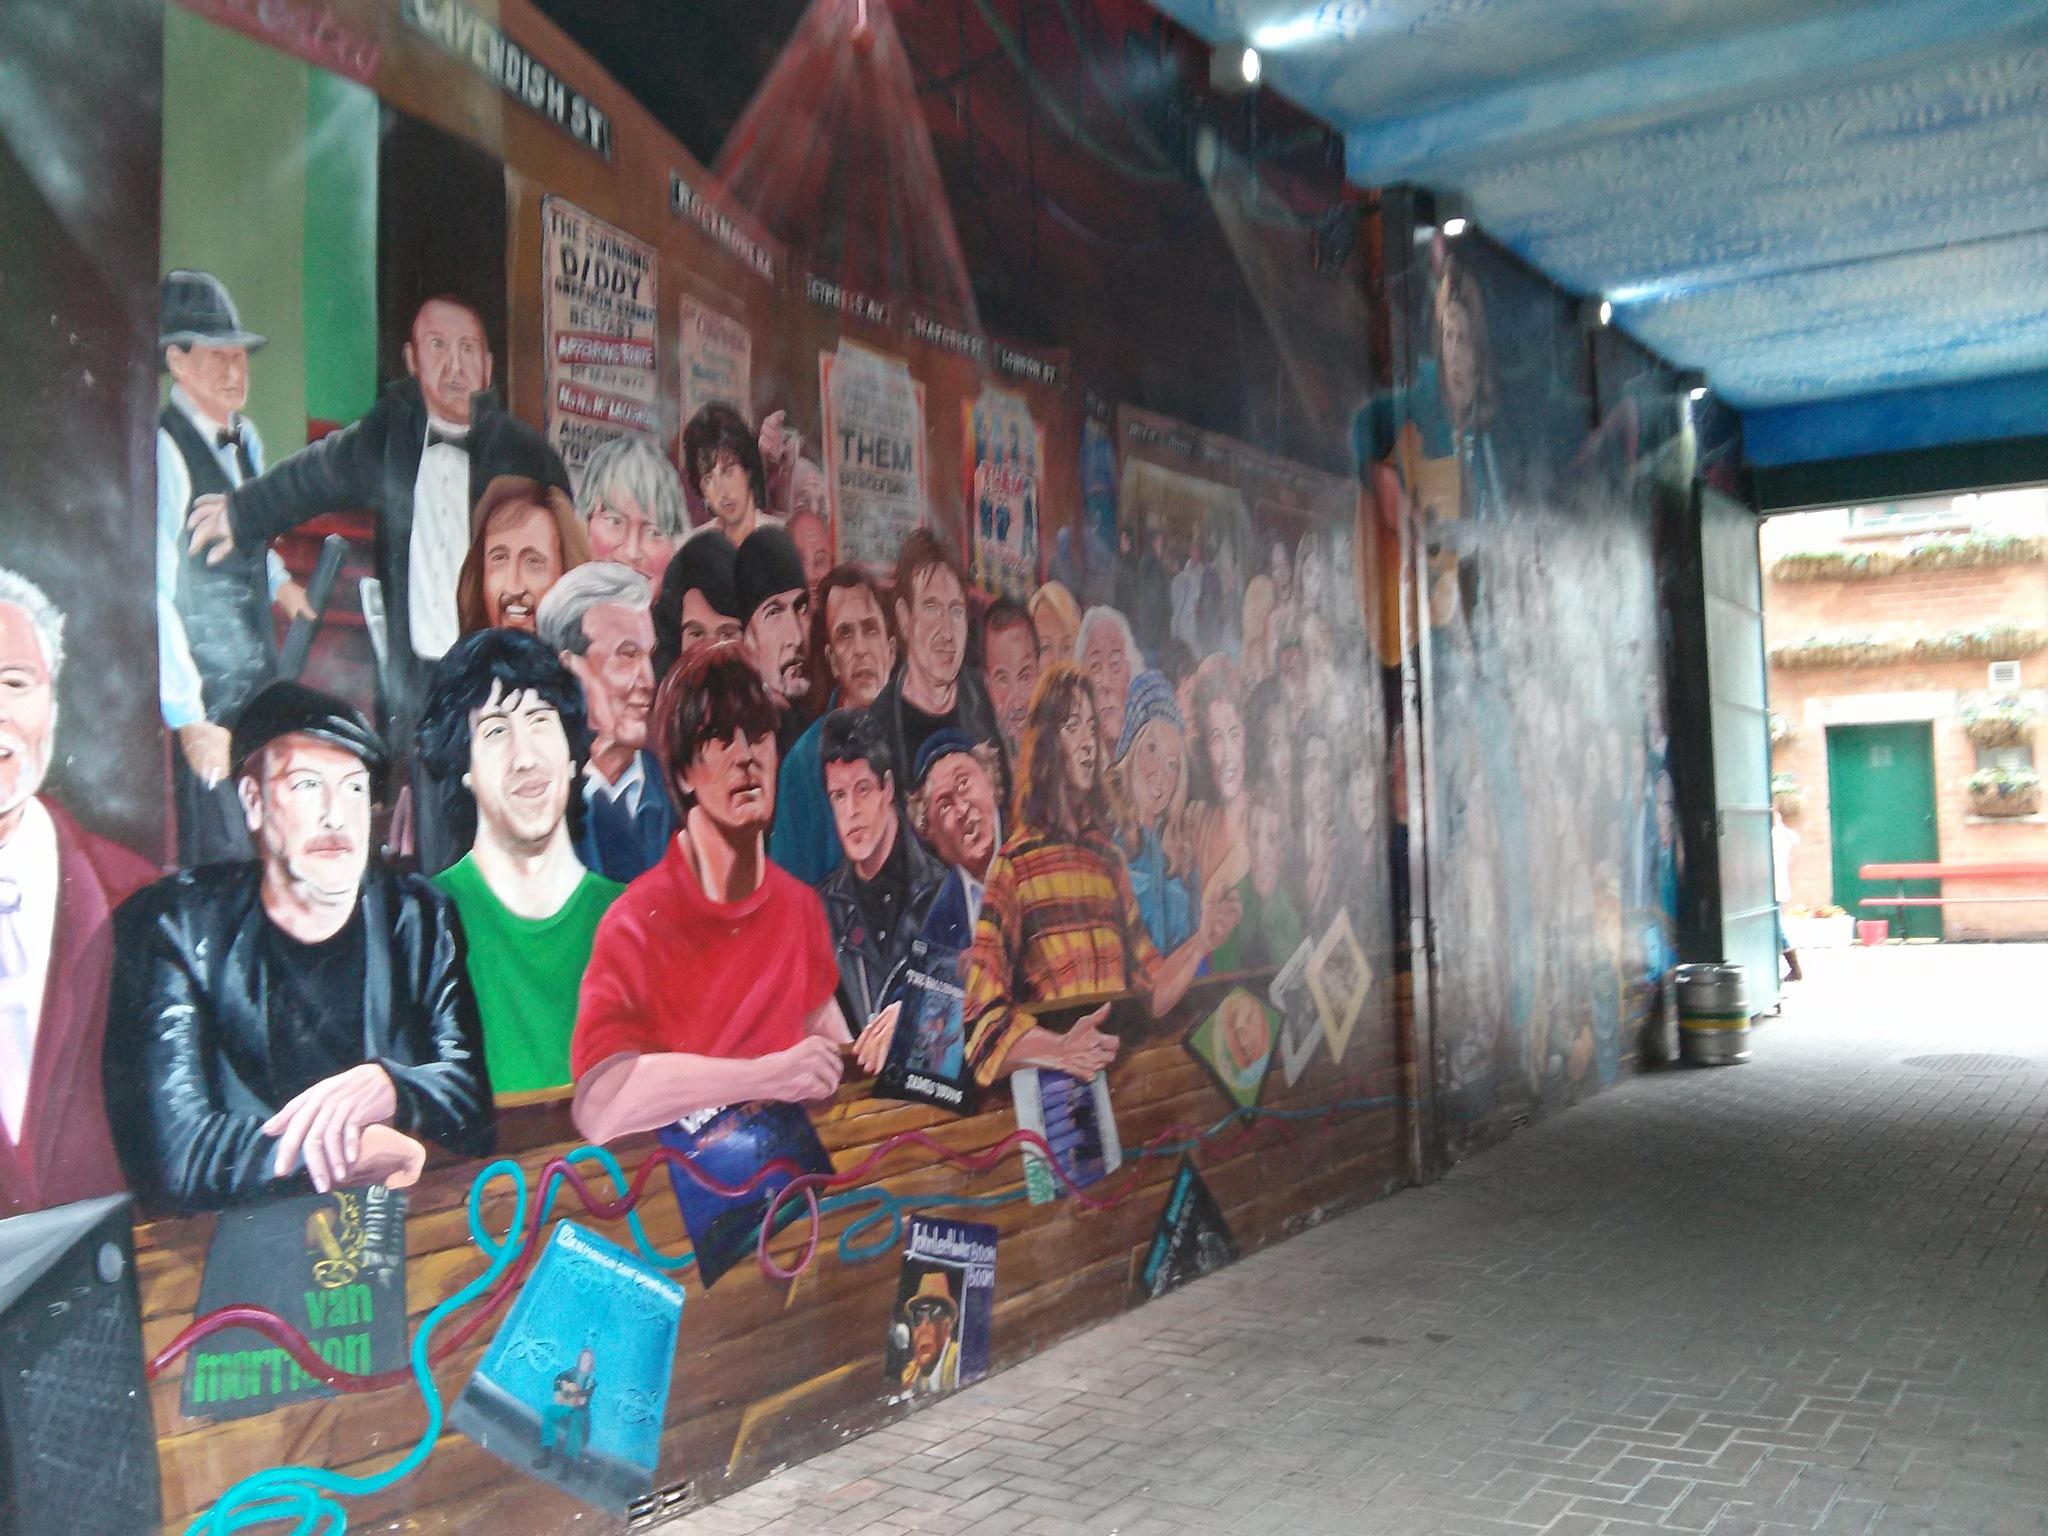 Mural paintings by Jorge Giro